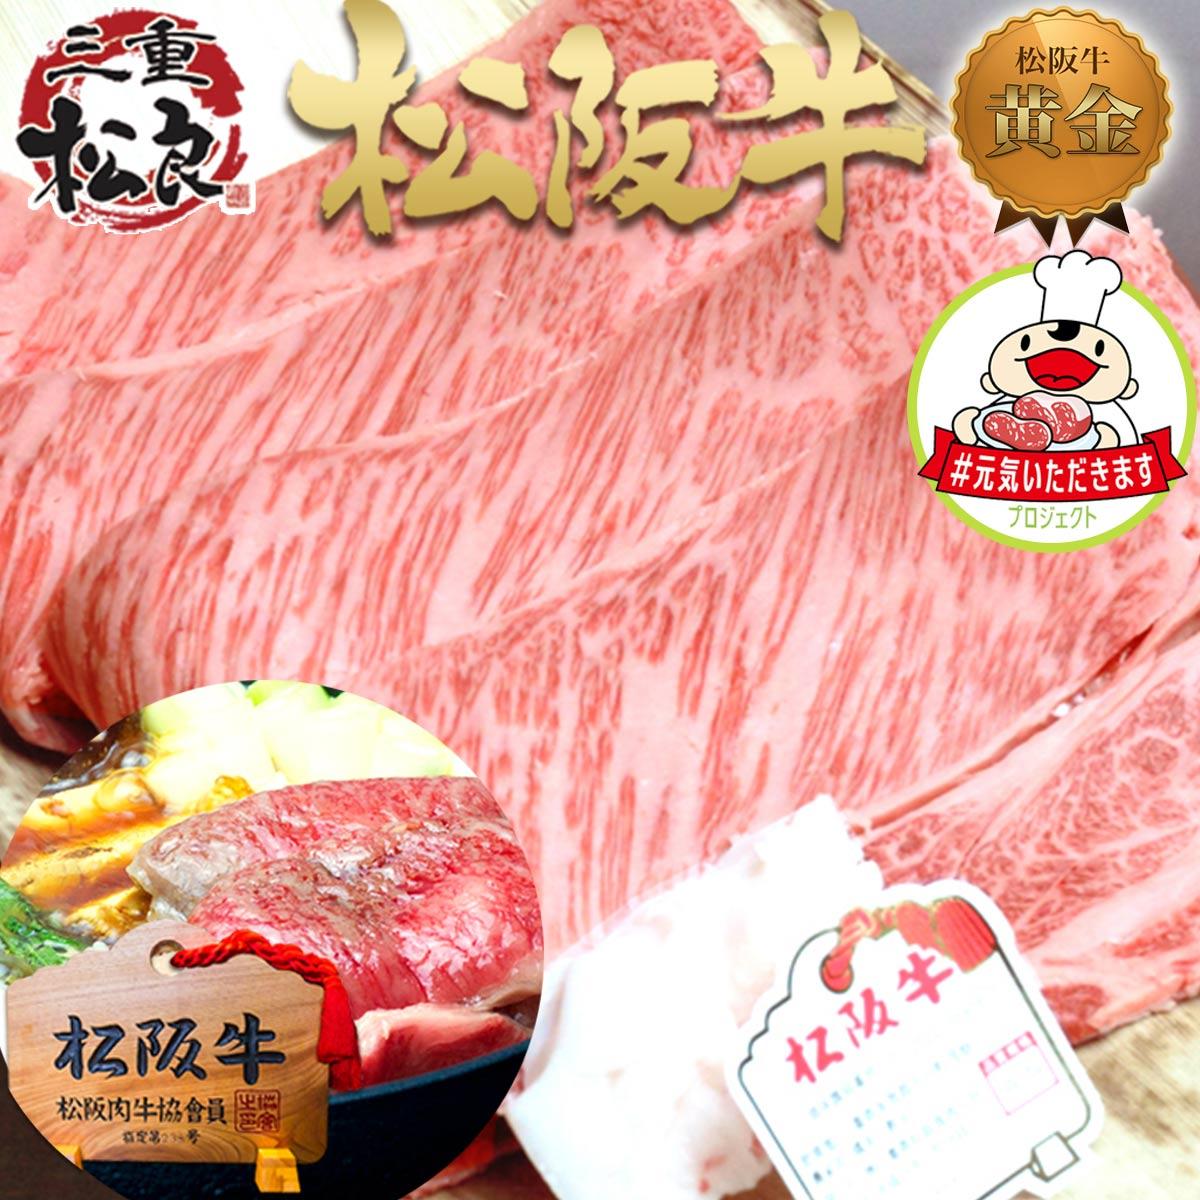 通販 神戸 牛